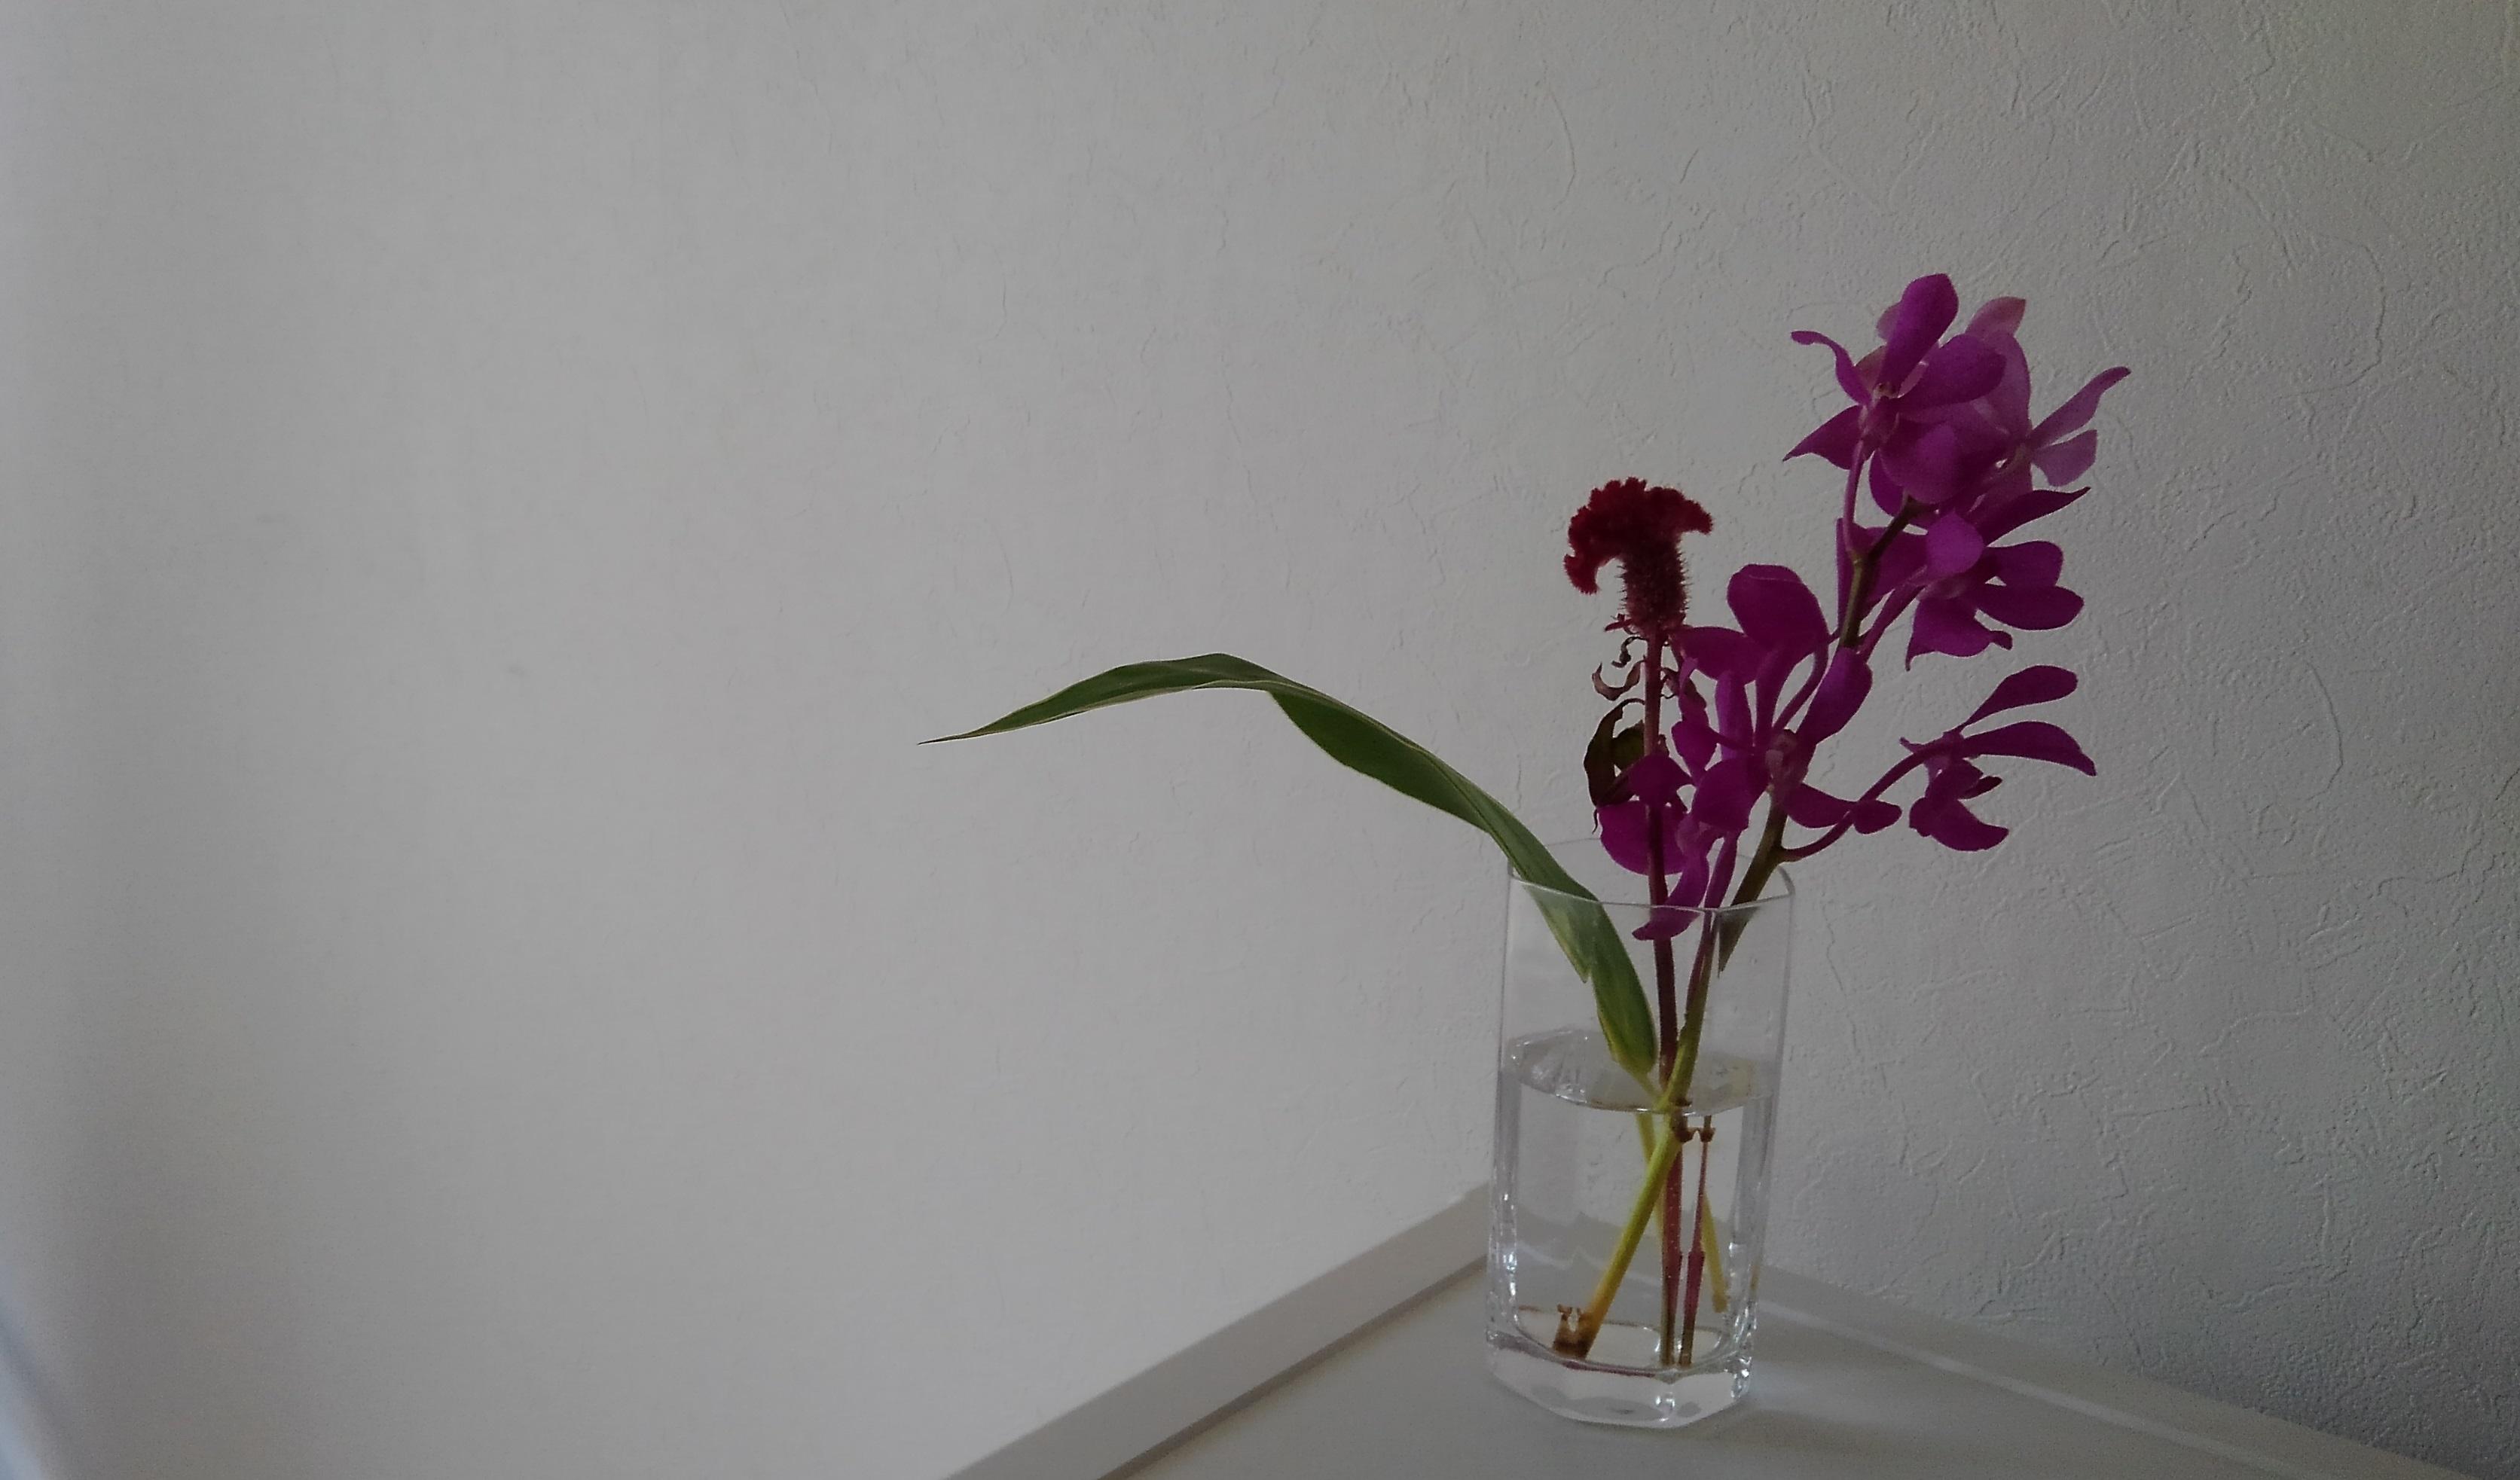 お花の飾り方を工夫したところ